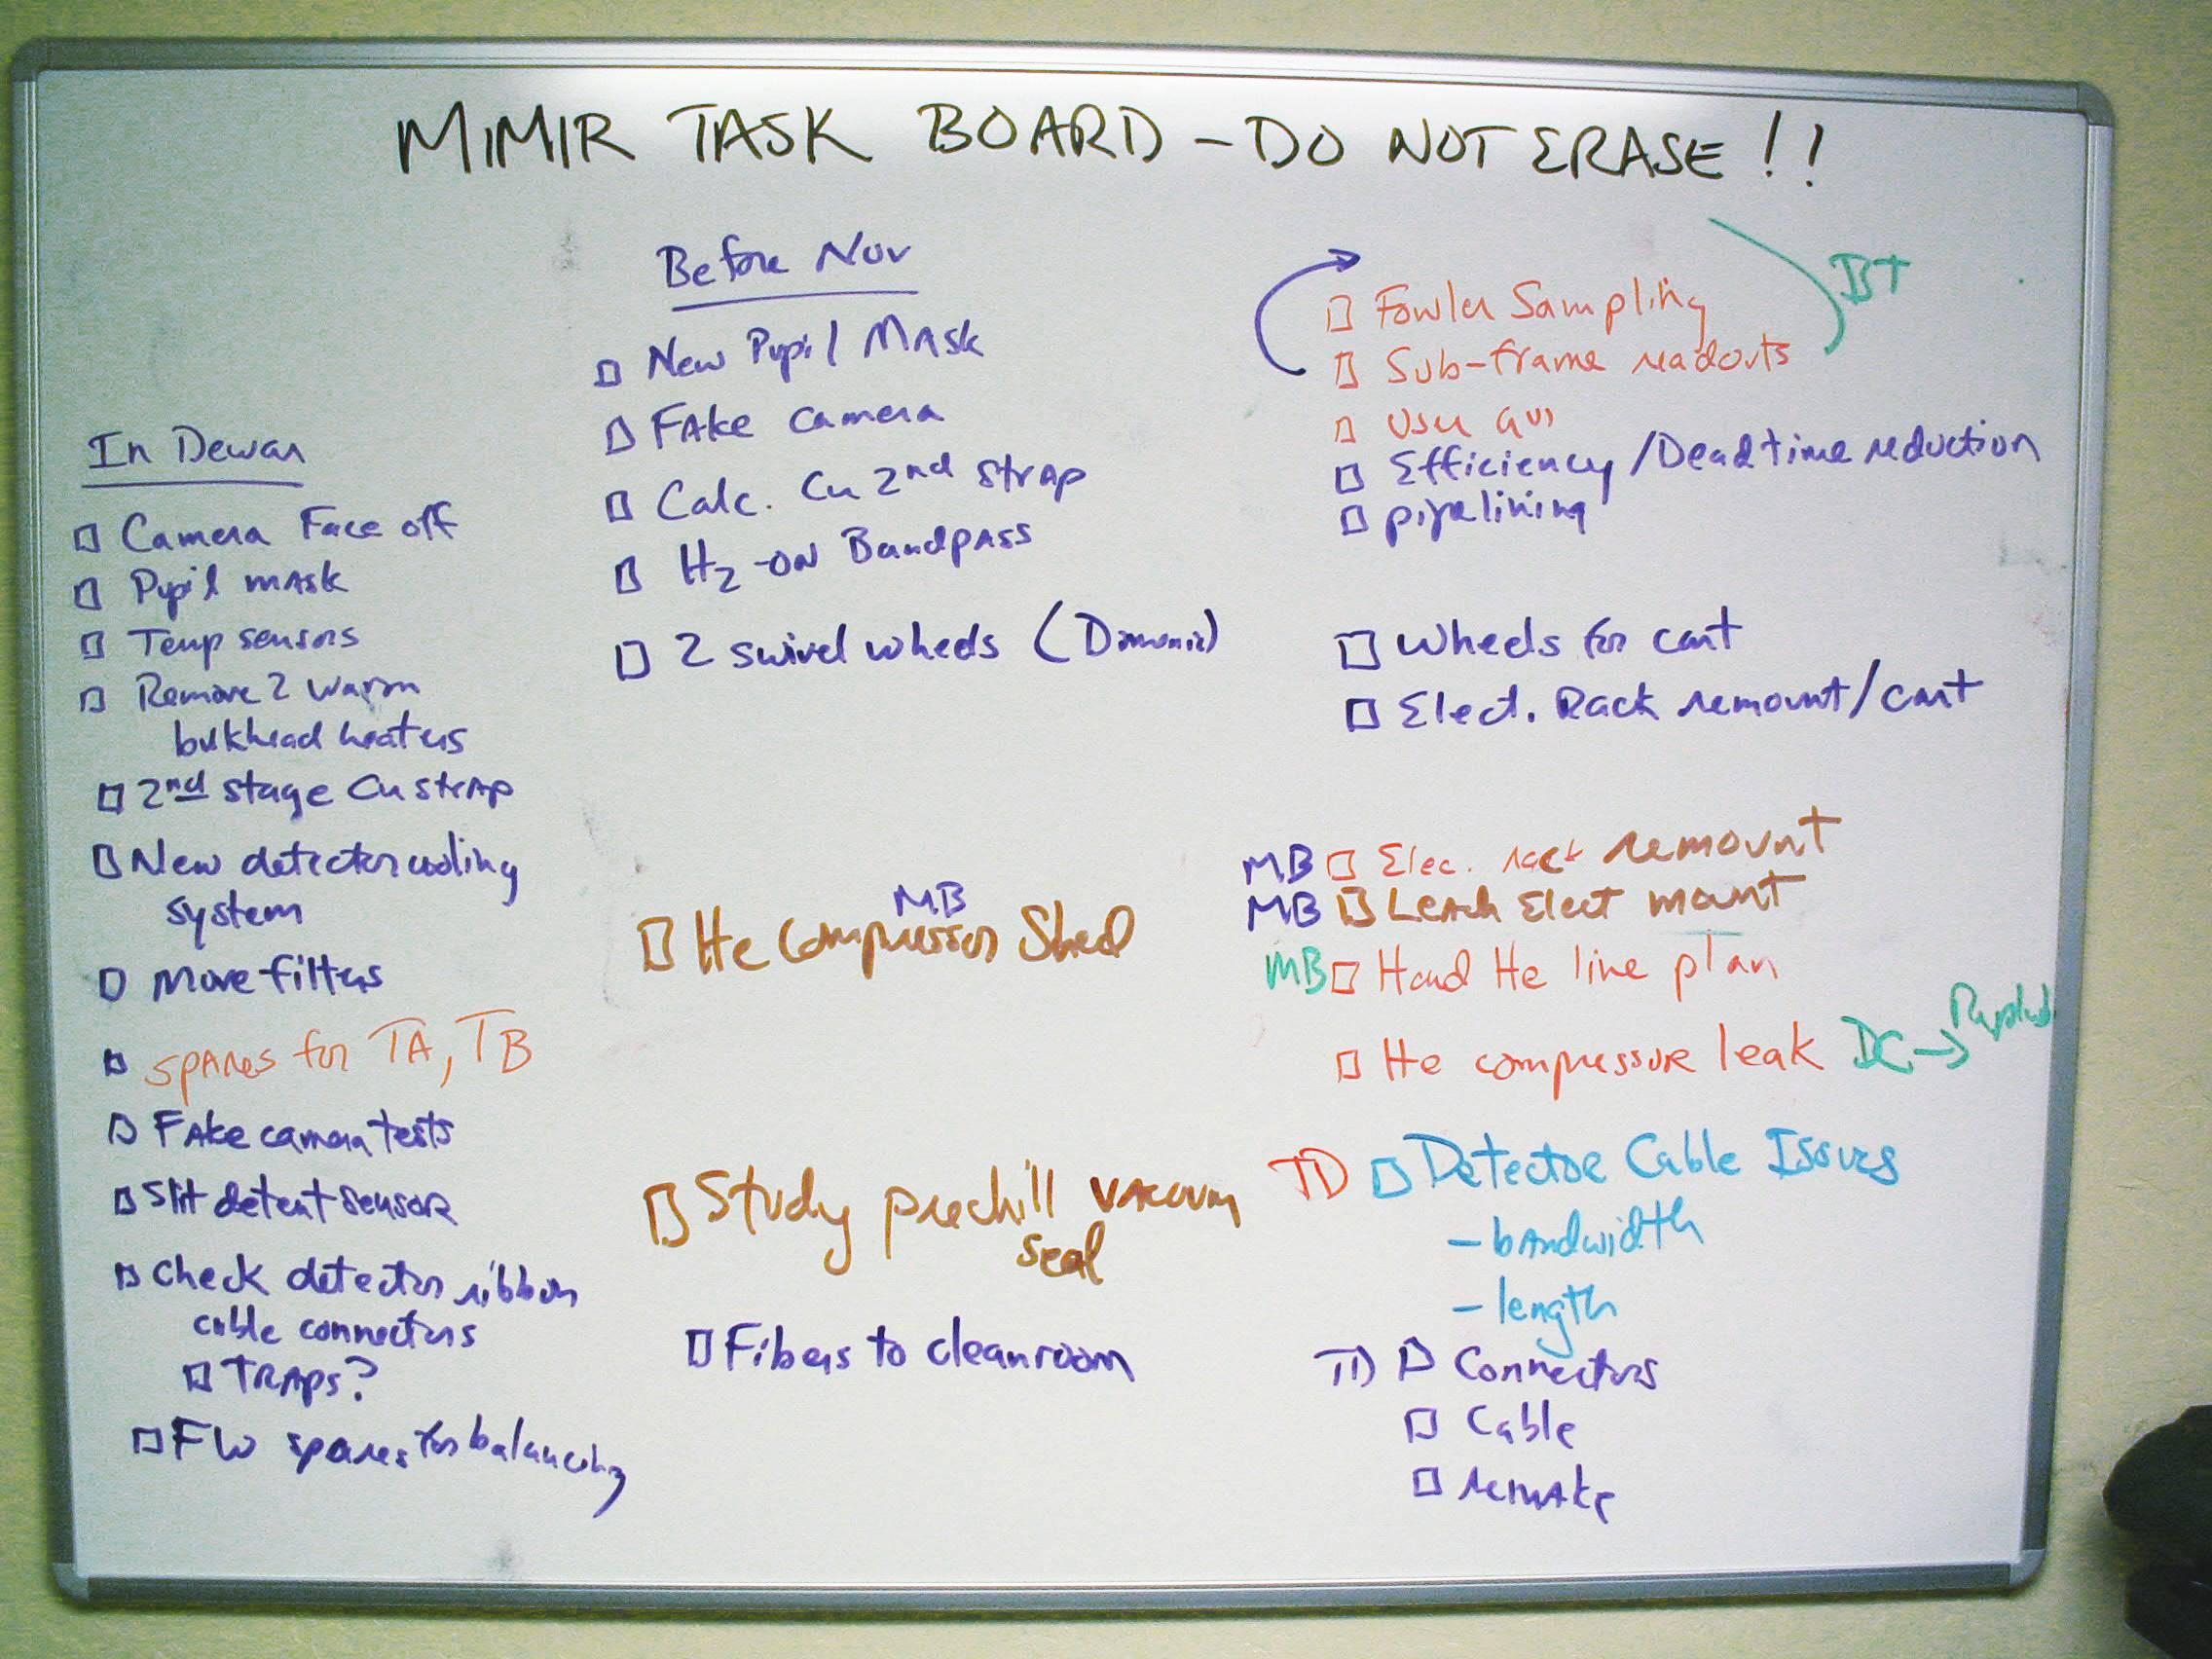 cetl online portal whiteboard